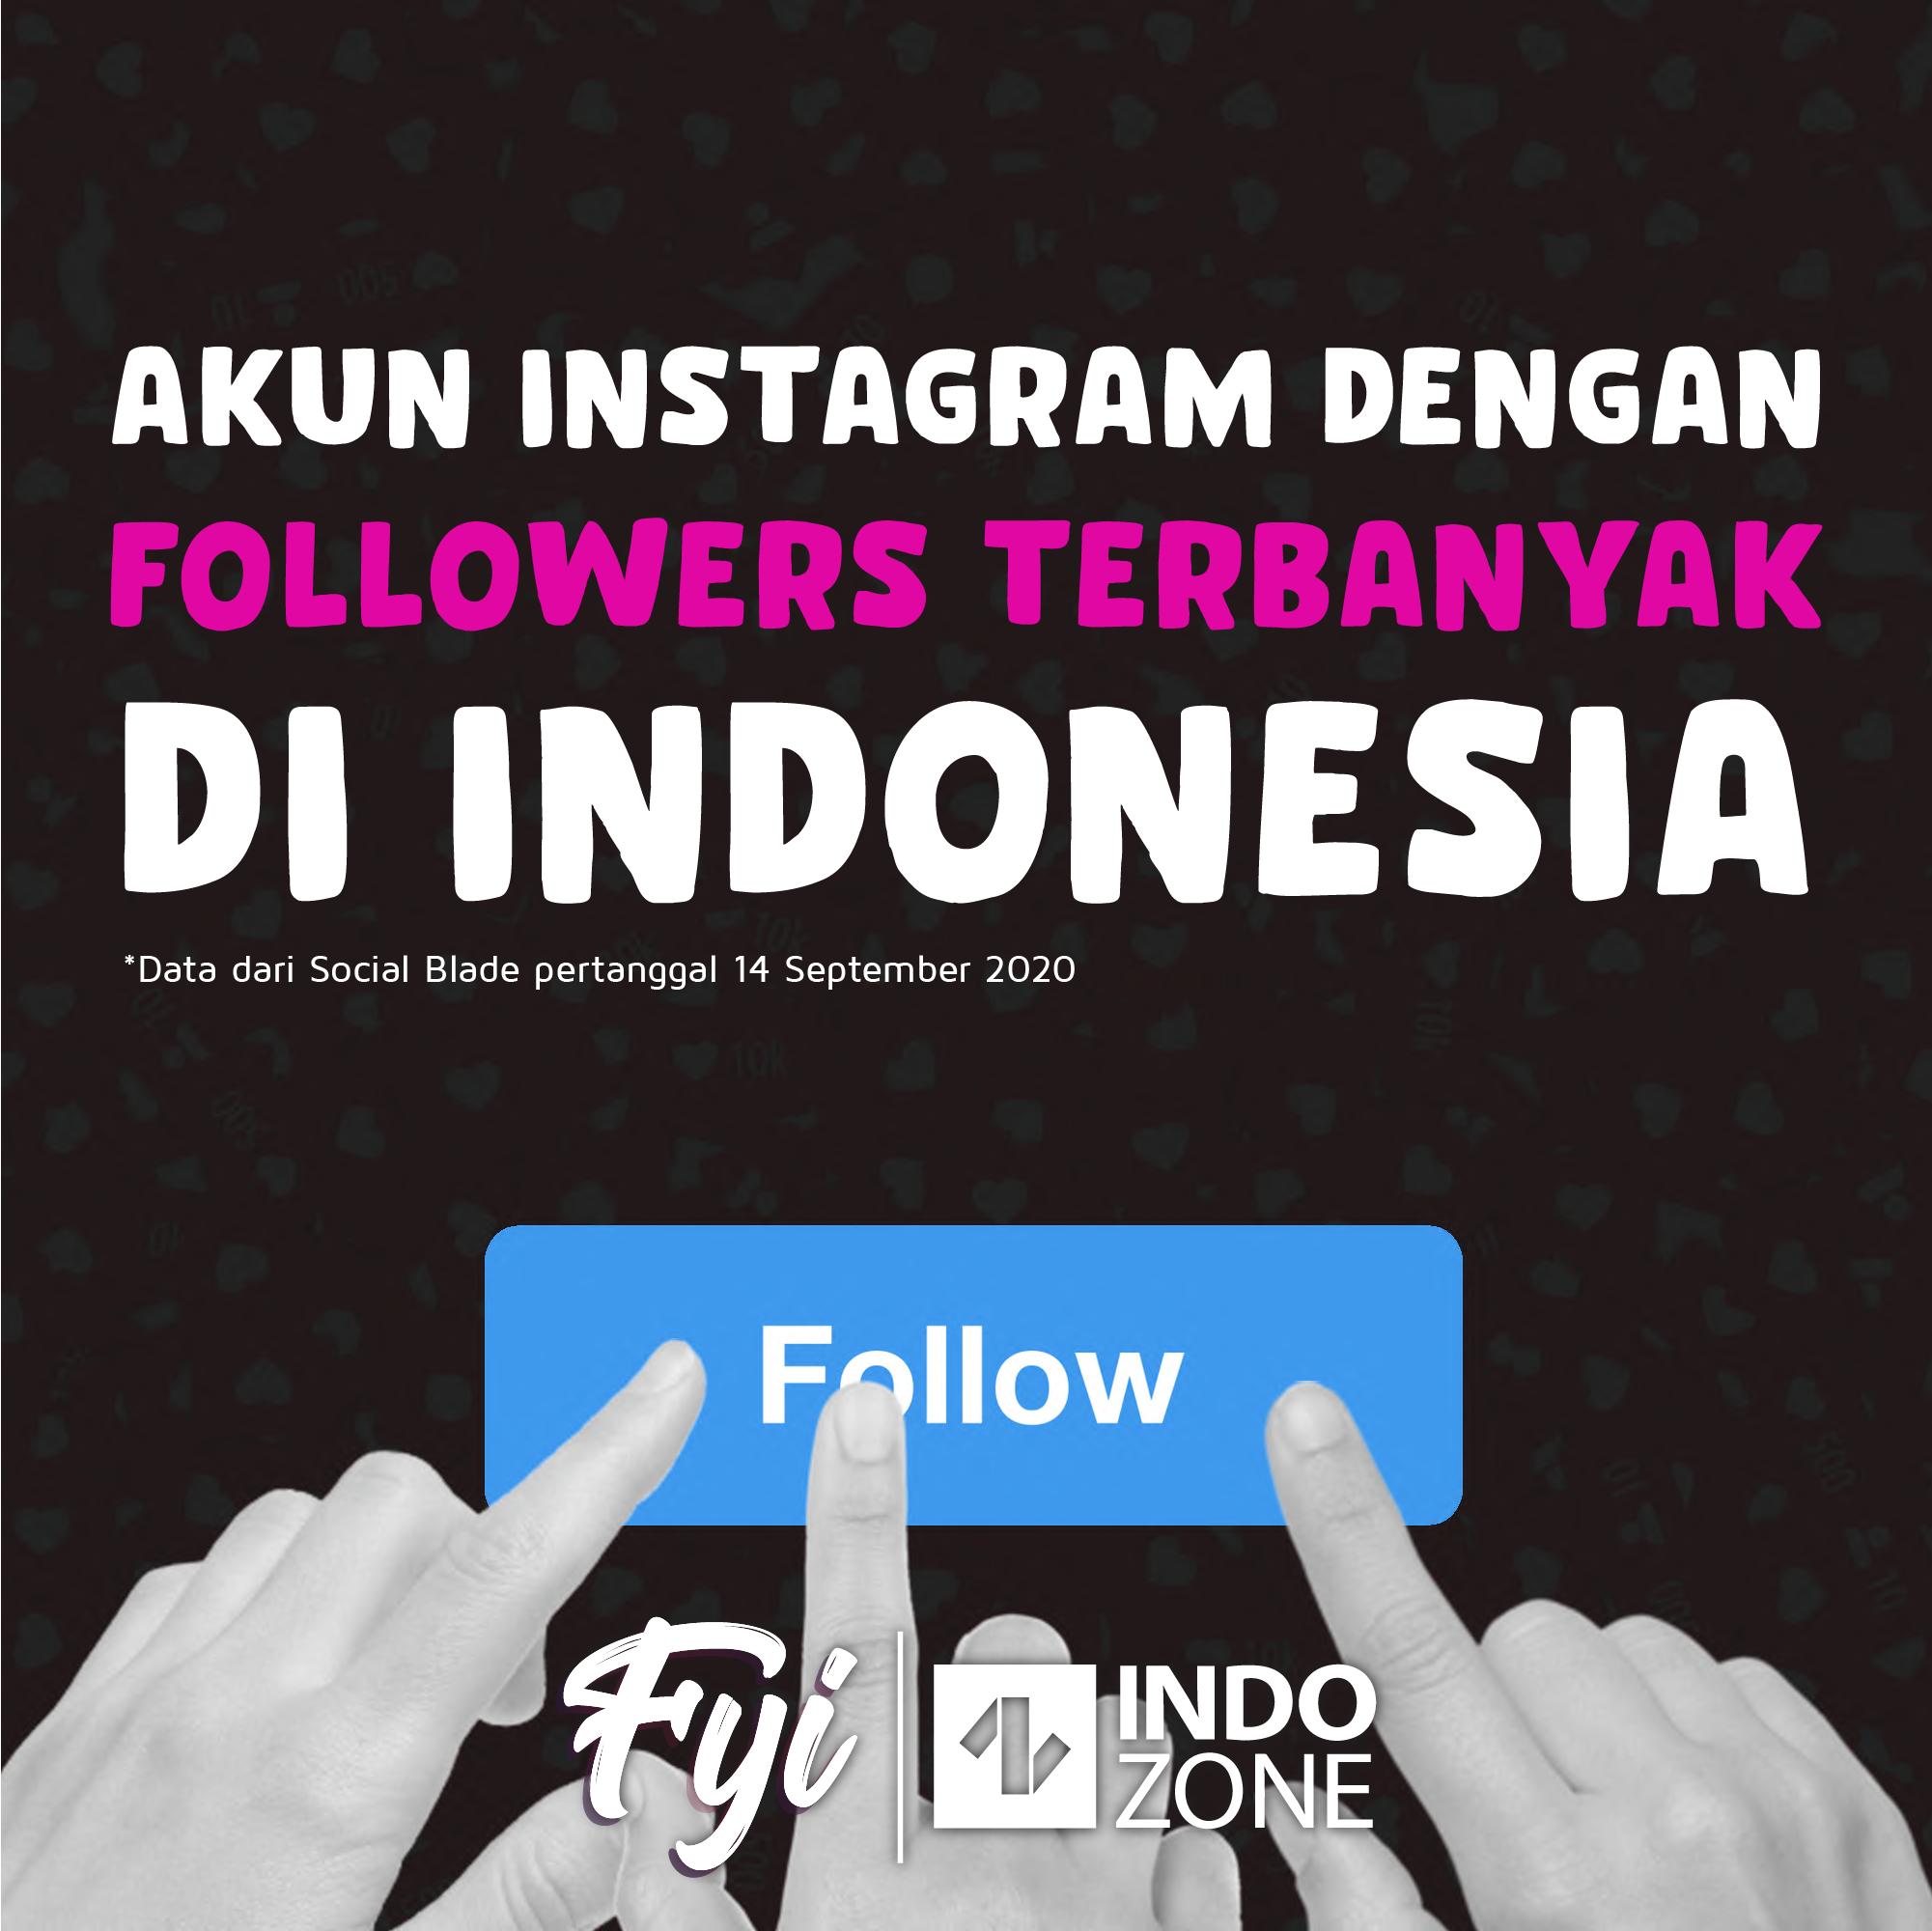 Akun Instagram dengan Followers Terbanyak di Indonesia